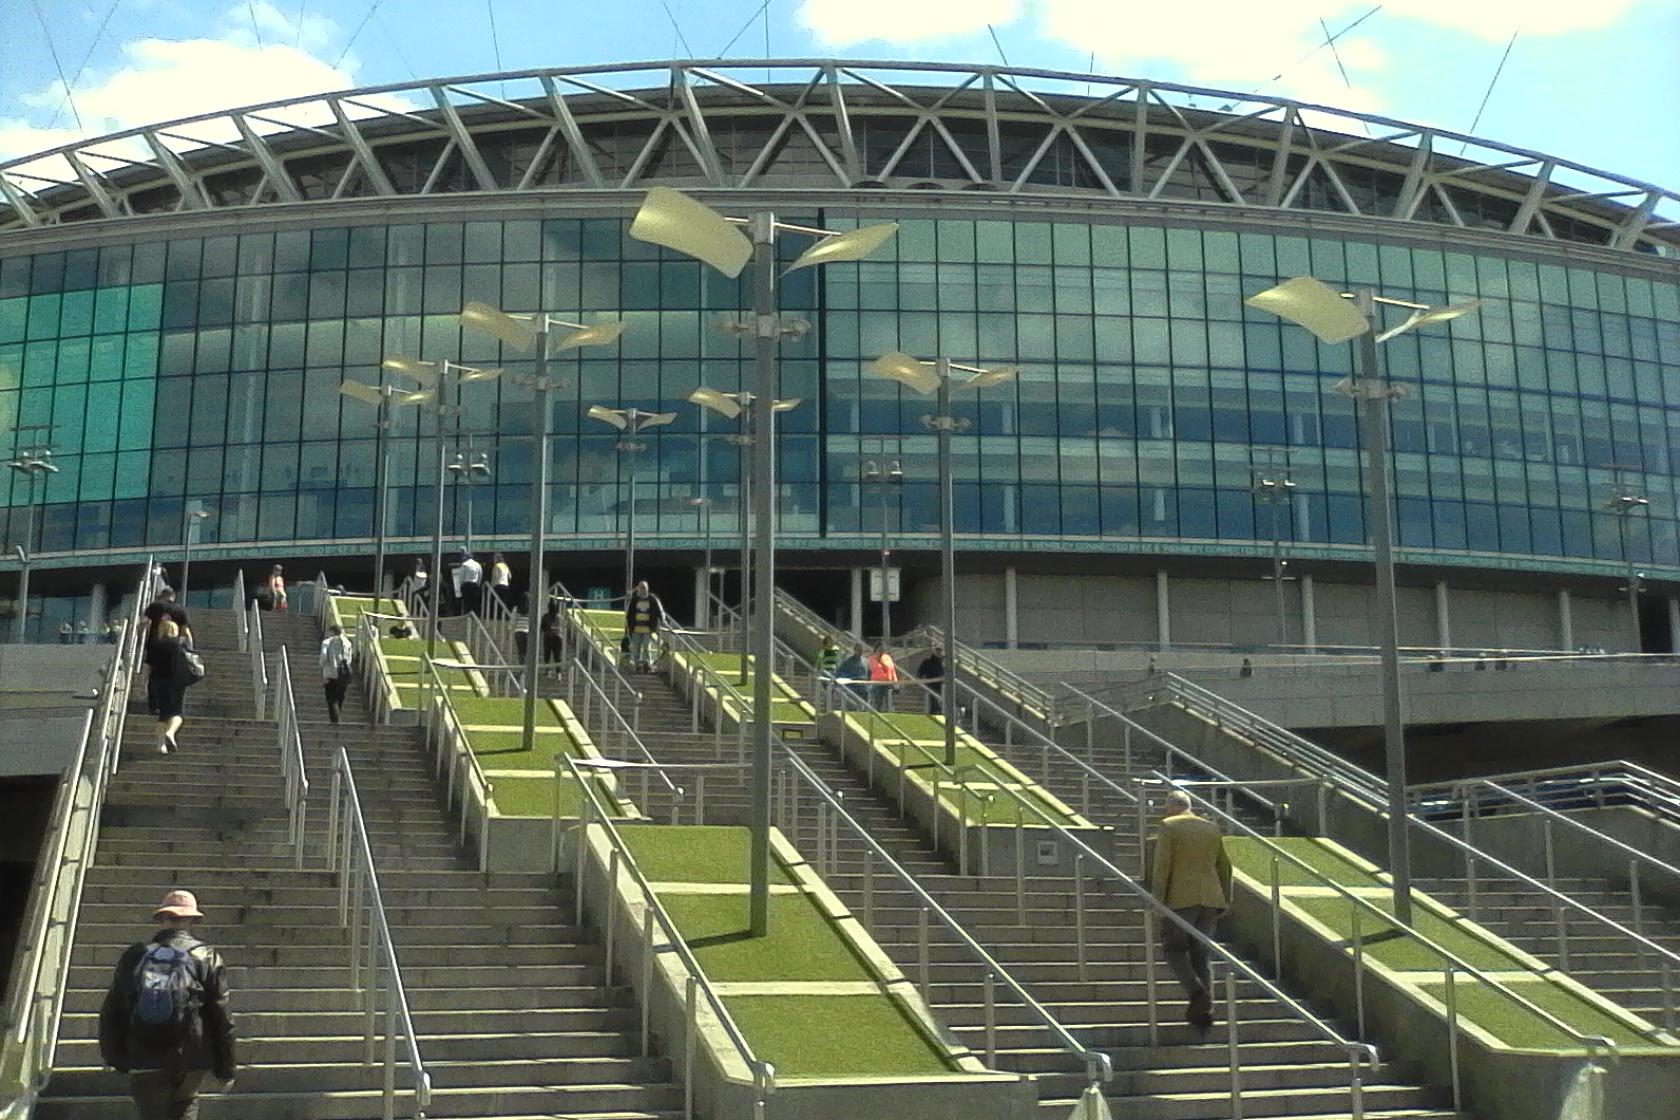 Steps leading up to Wembley Stadium